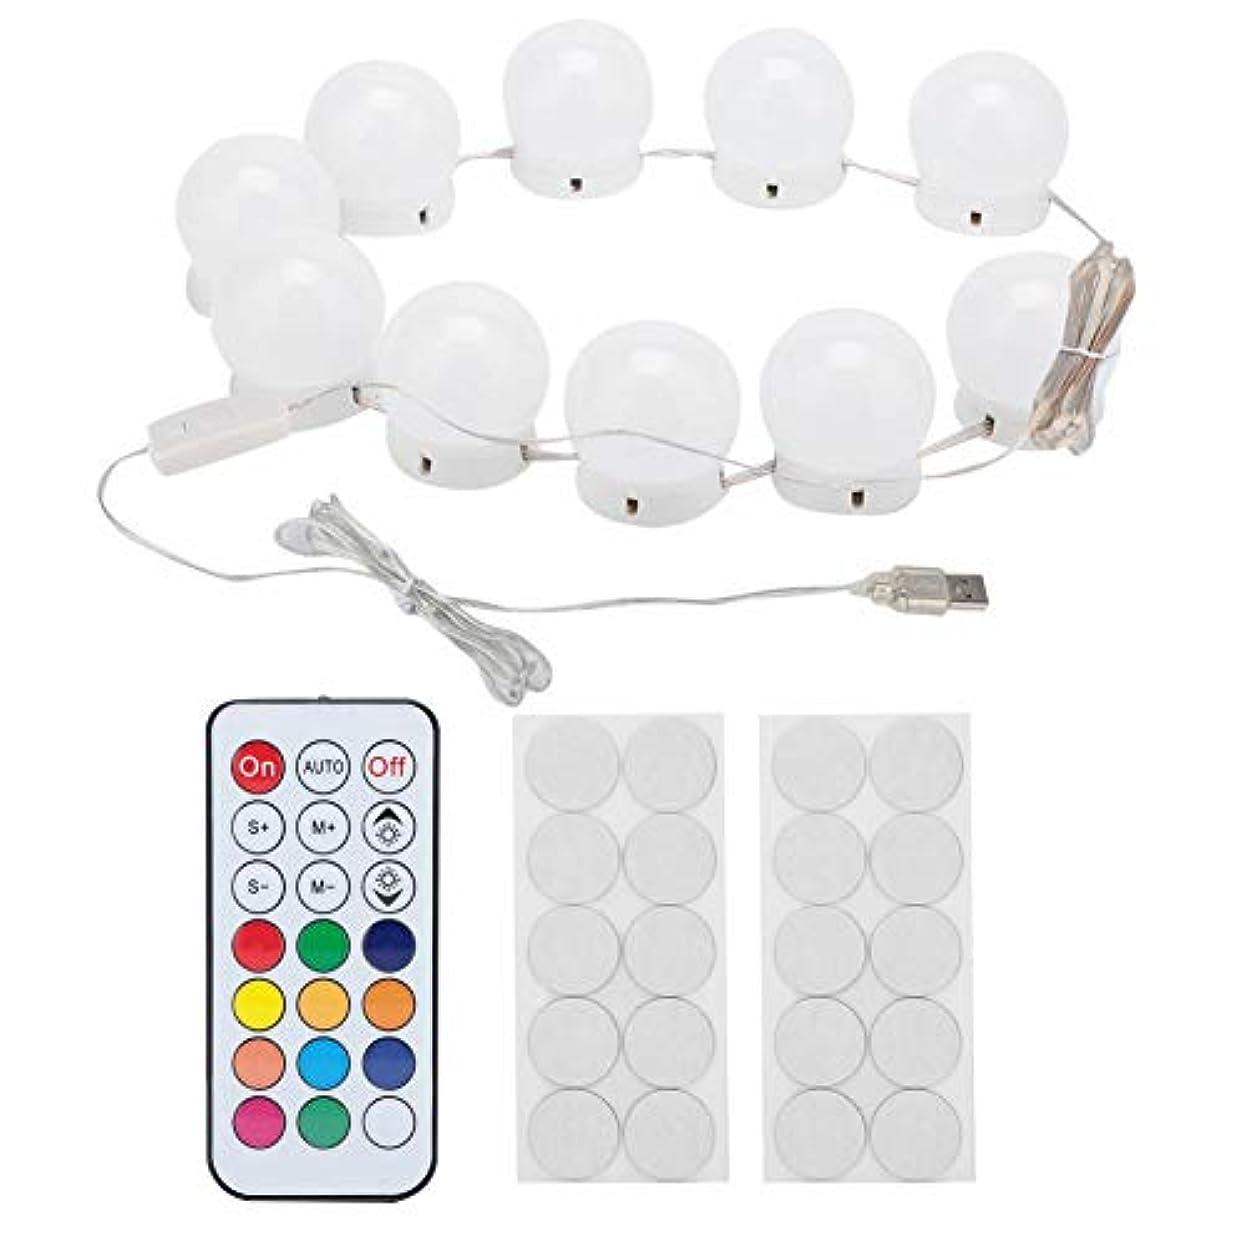 通信する安価な引き潮化粧鏡ラ??イトキット 10 LED付き調 光ライトストリング電球バニティライト バスルーム 化粧鏡に最適